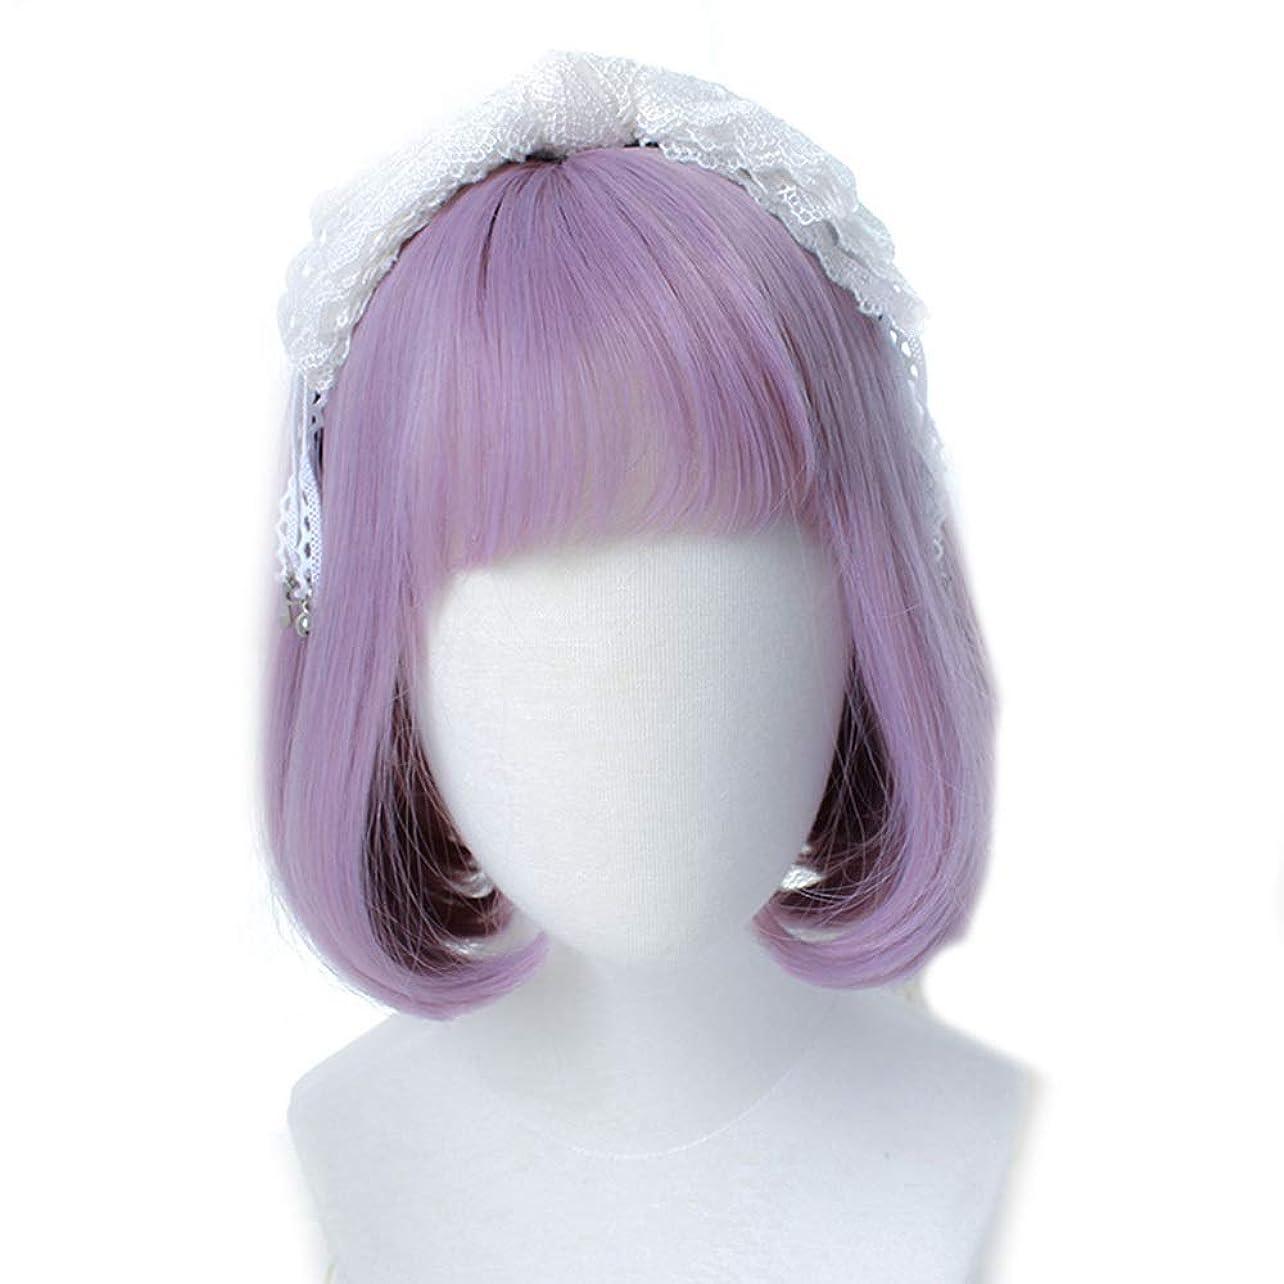 季節冒険家戦艦Isikawan 女性のためのヘアコスプレパーティードレスショートボブウィッグ女の子のナシヘッドショートカーリーヘアwithエアー前髪合成 (色 : Photo Color)